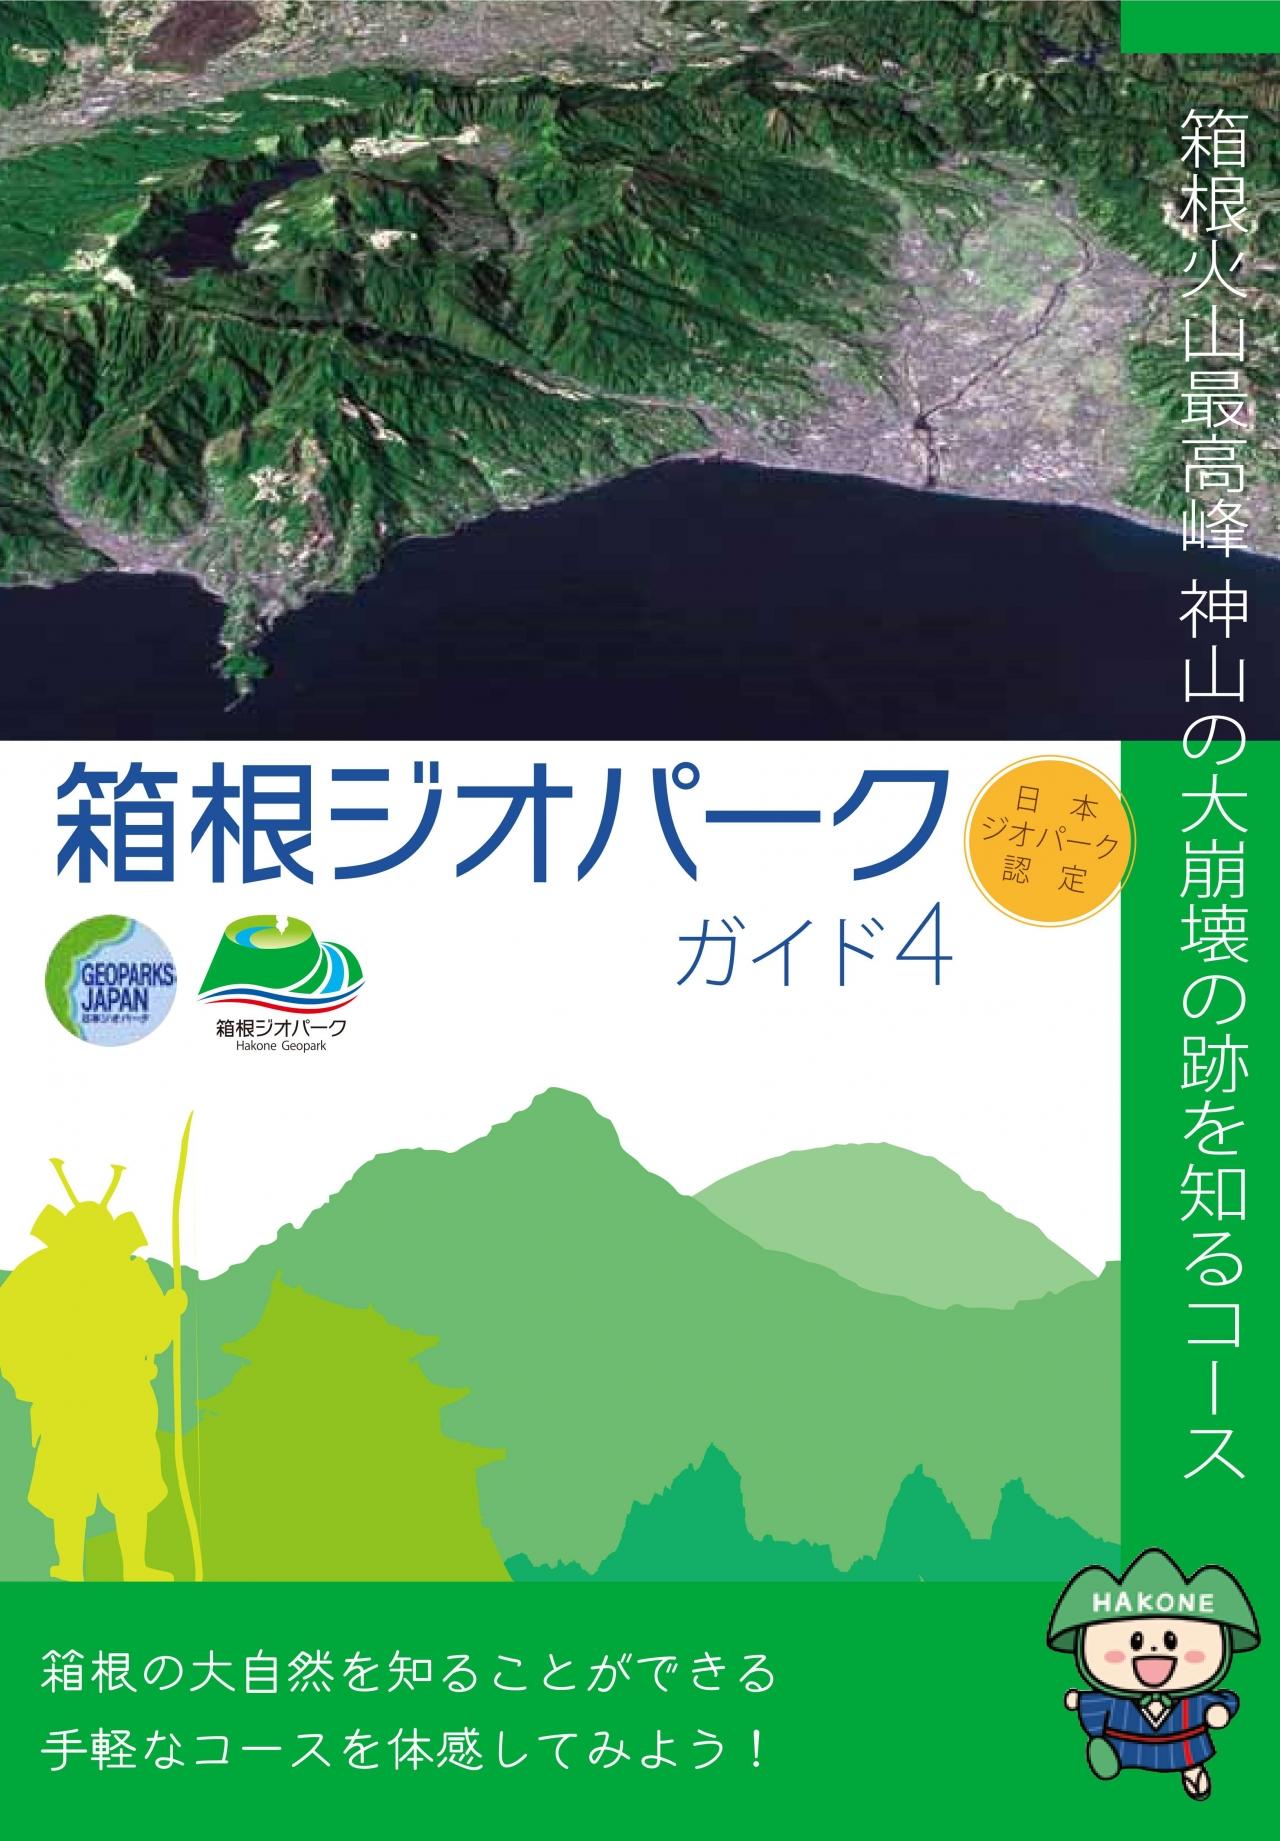 箱根コース ガイドブック